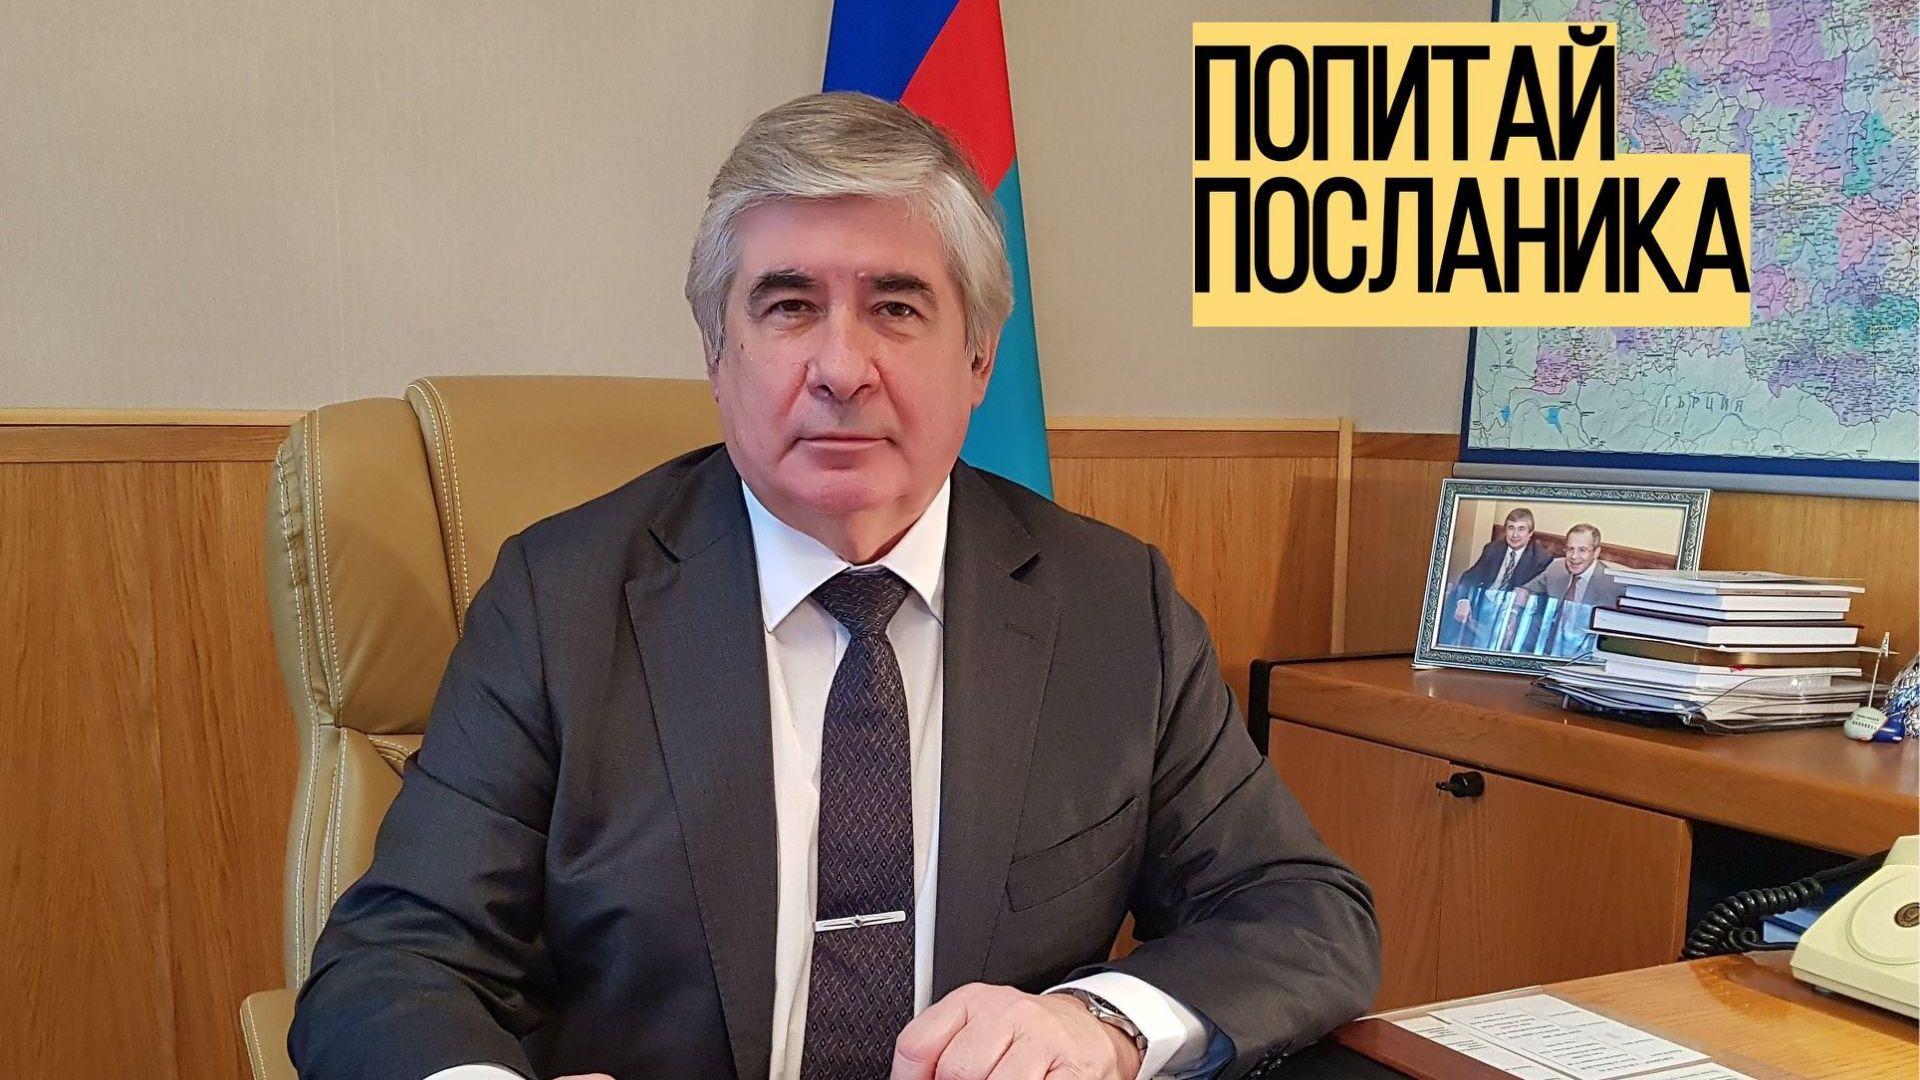 Питай посланика на Русия у нас: Макаров отговаря на въпроси онлайн